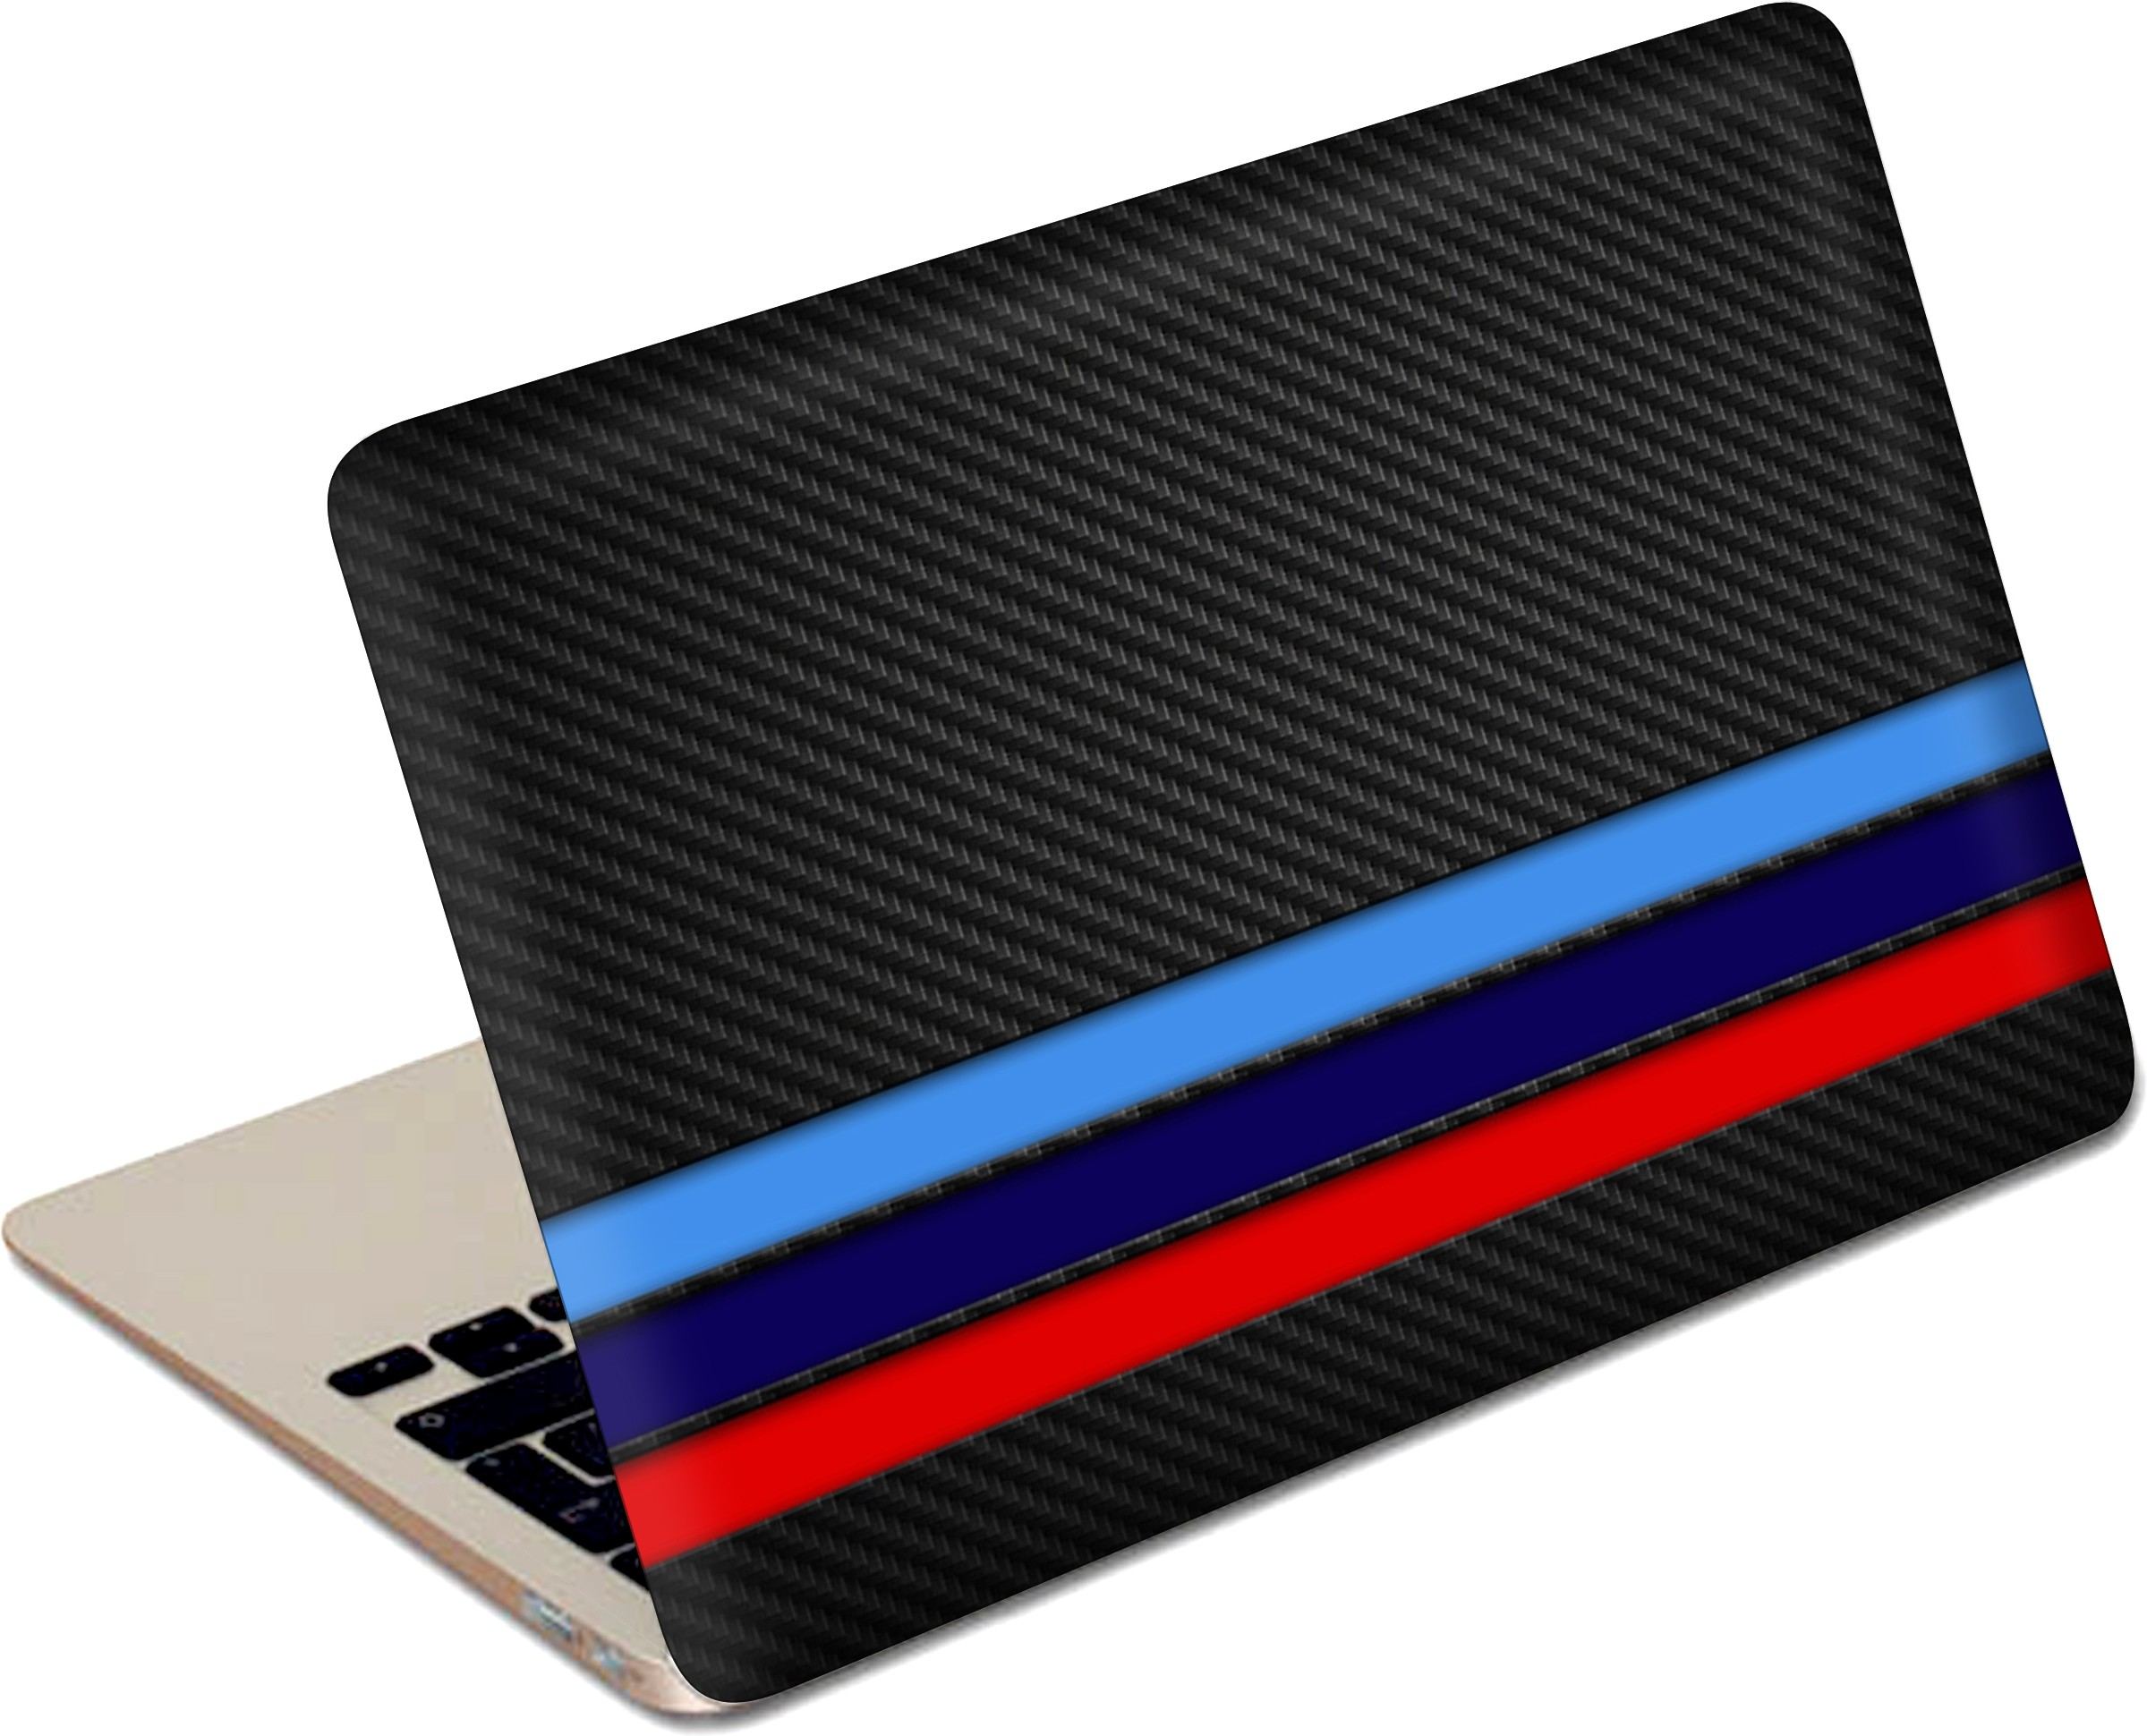 Flipkart - Laptop skins Just Rs 139